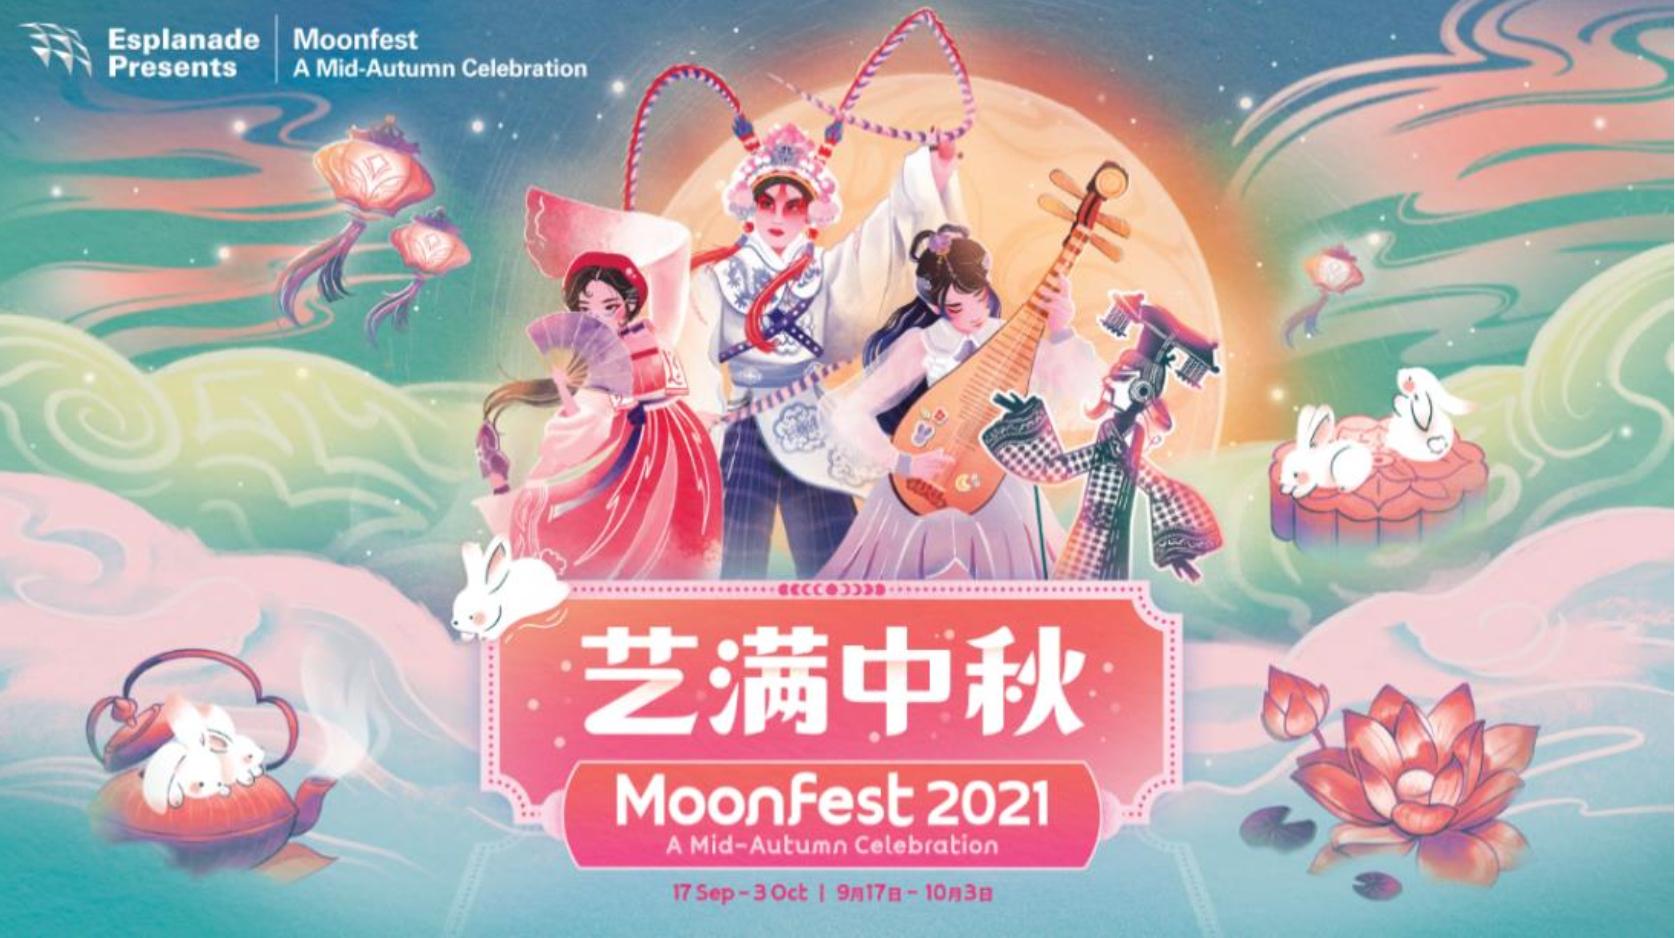 moonfest esplanade singapore